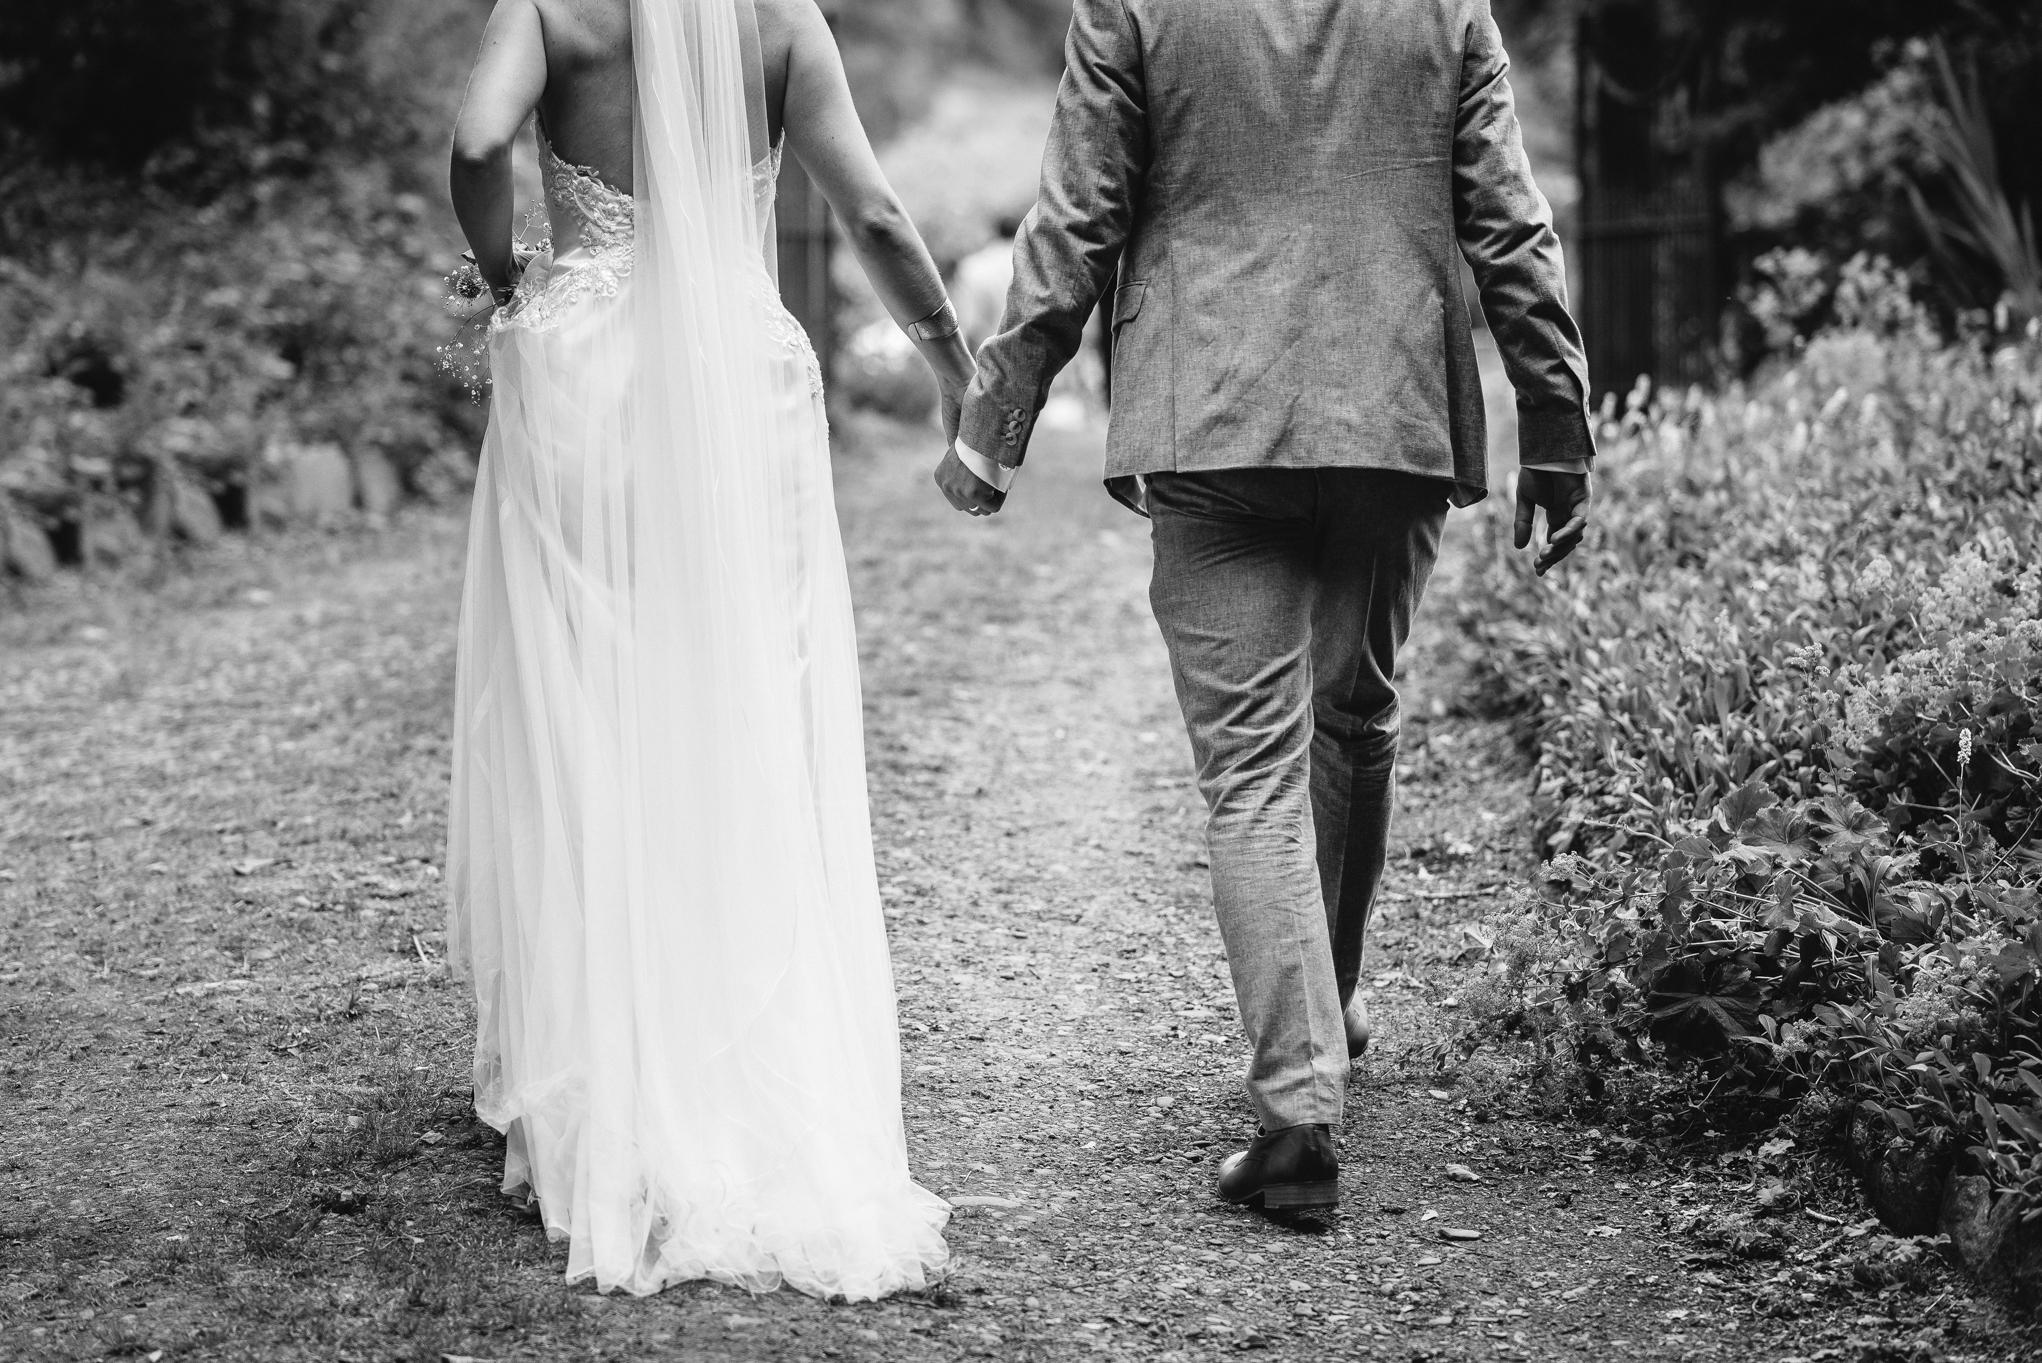 Copy of Bride & Groom Walking